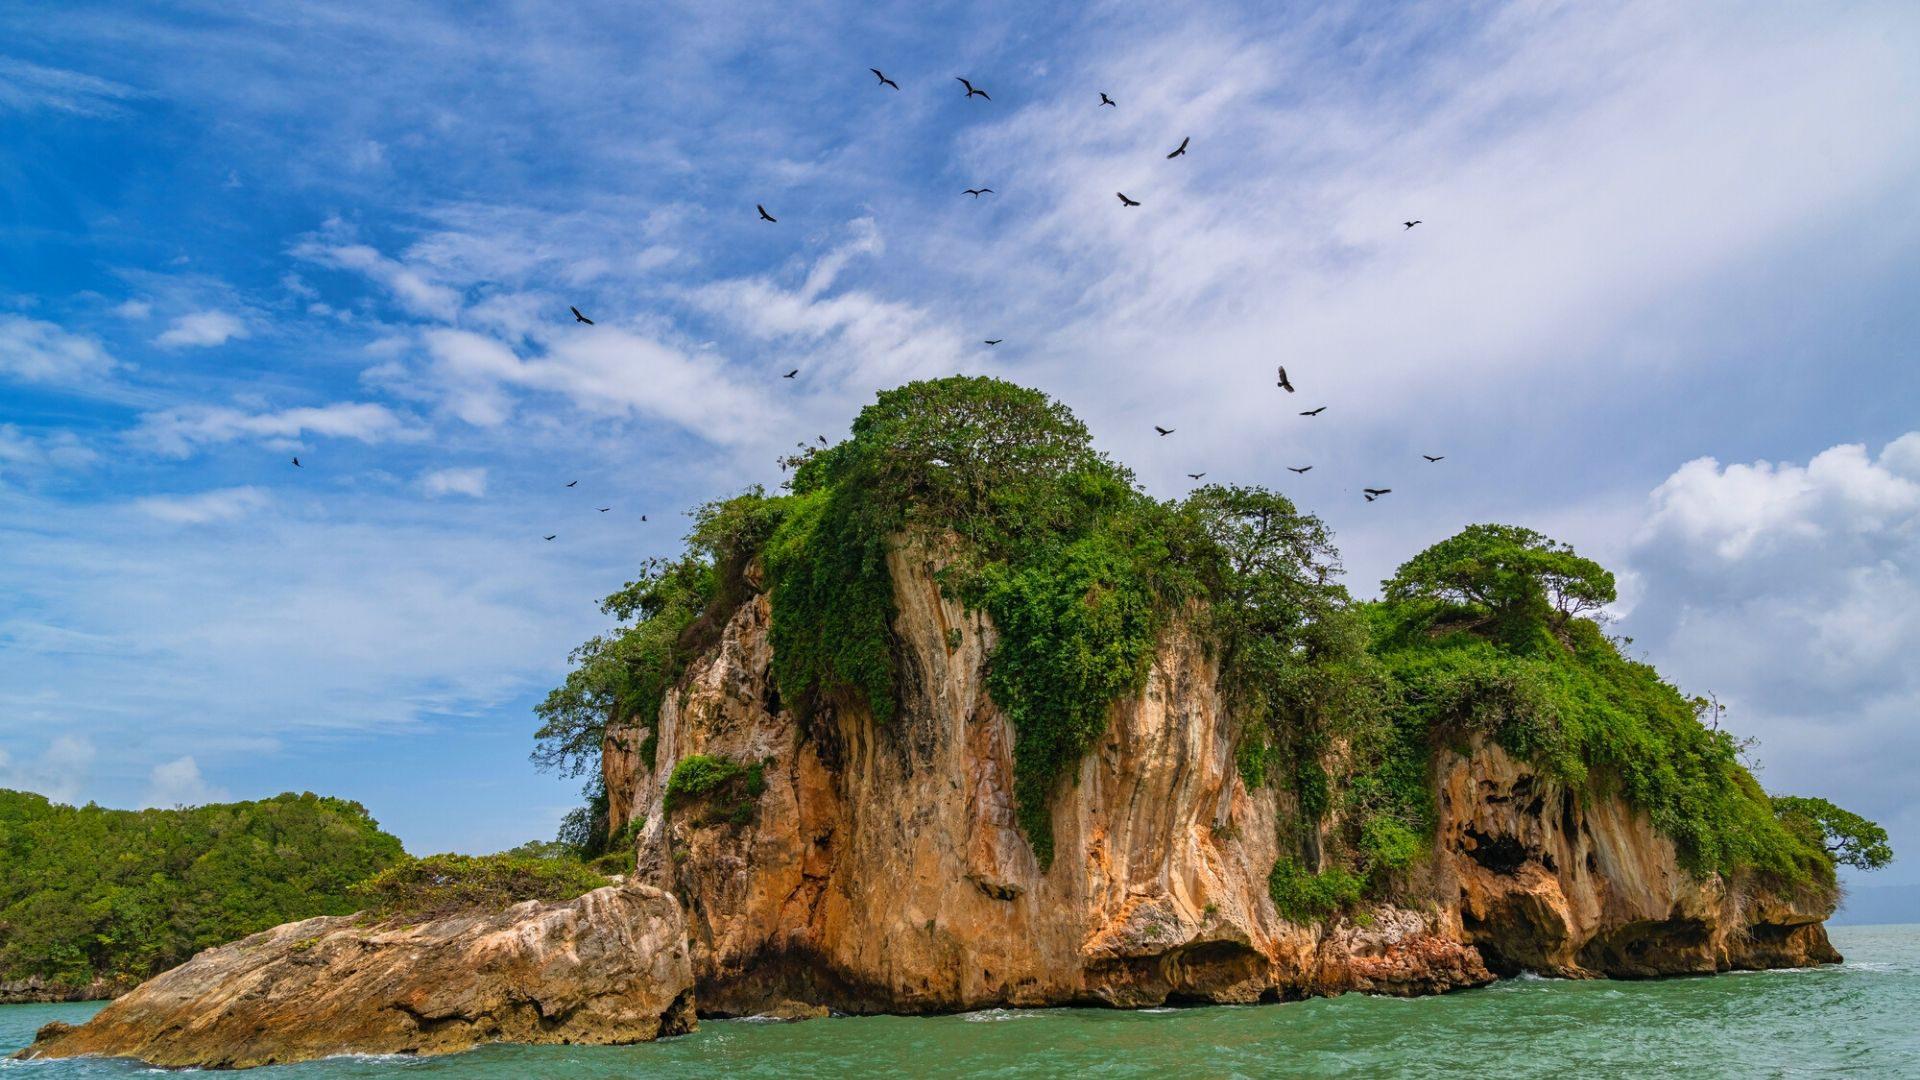 Los Haitises Nacionalinis parkas, garsėjantis mangrovių miškais